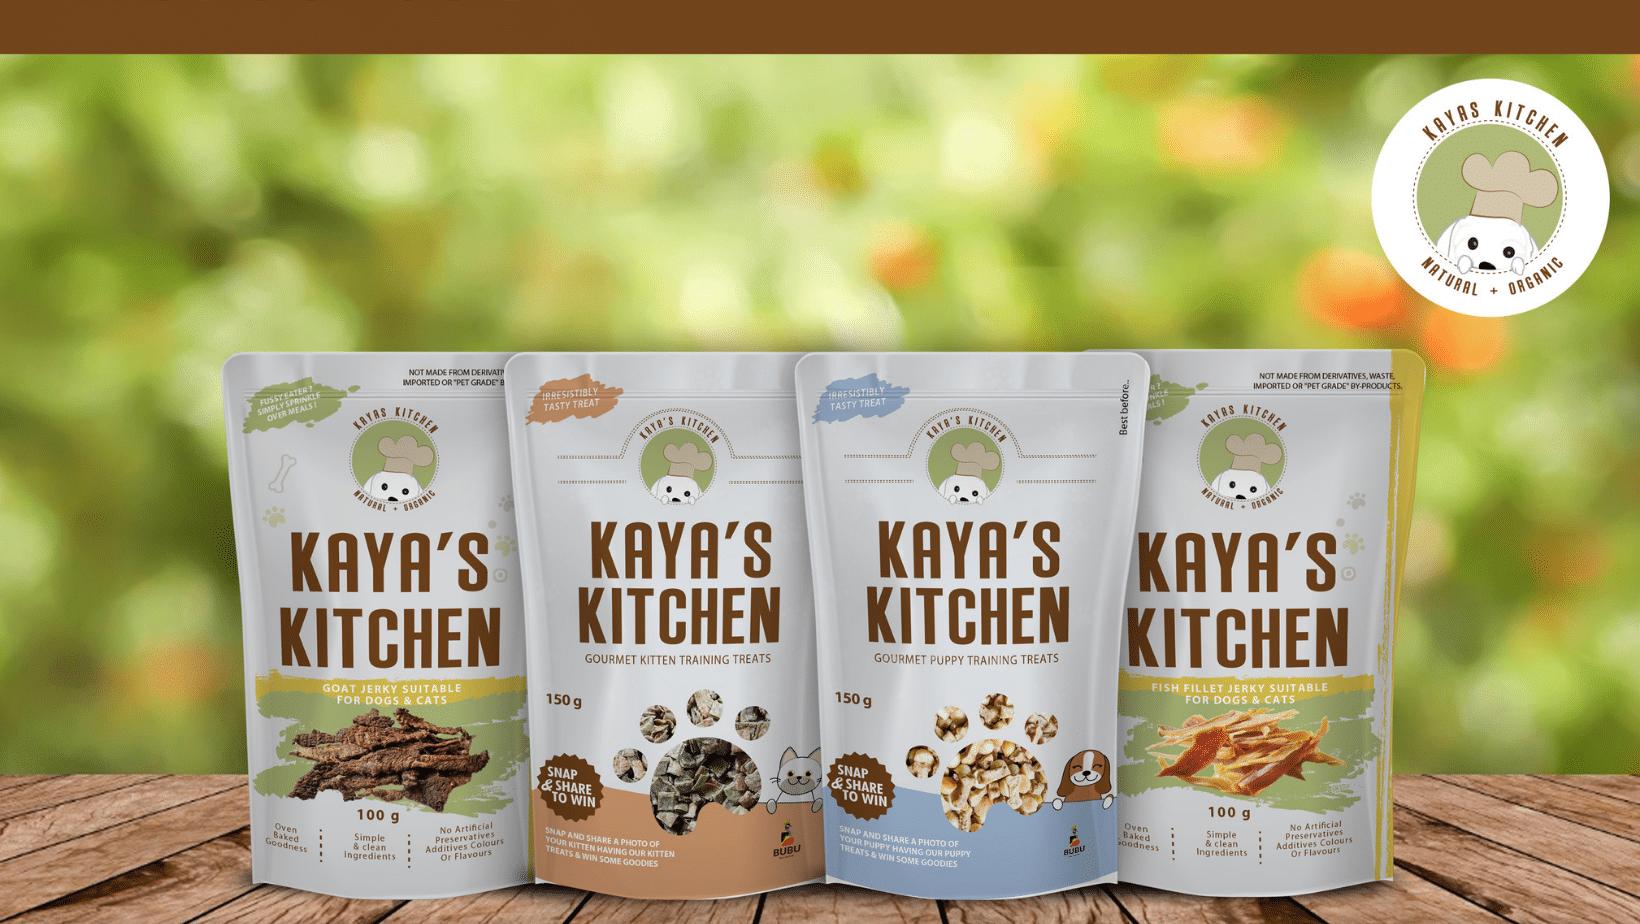 Kaya's Kitchen